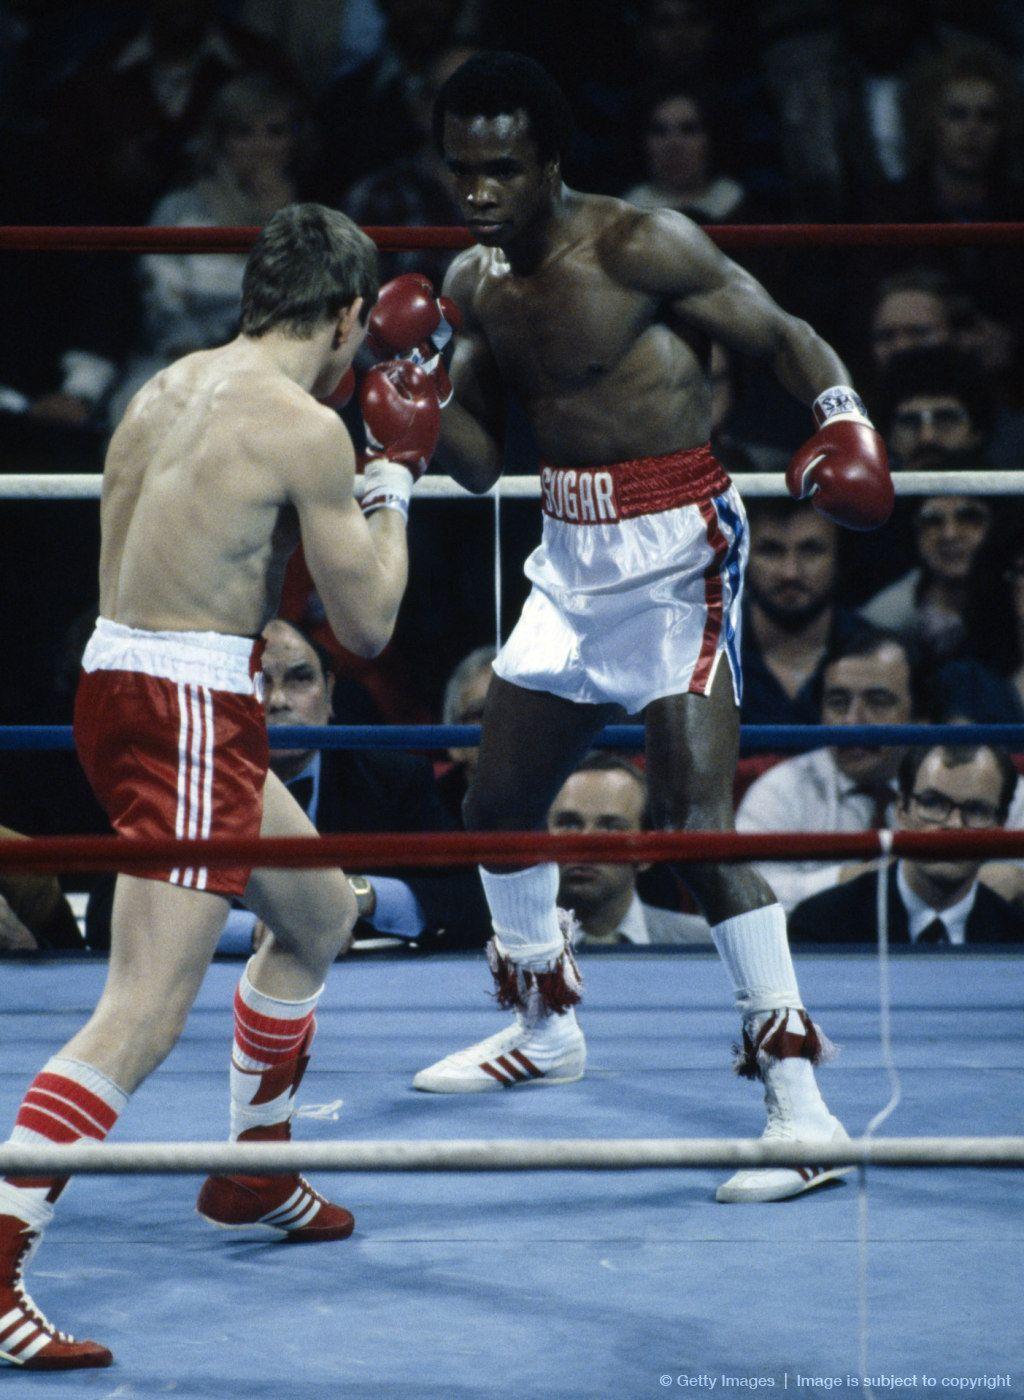 Sugar Ray Leonard vs. Dave Boy Green Boxing images